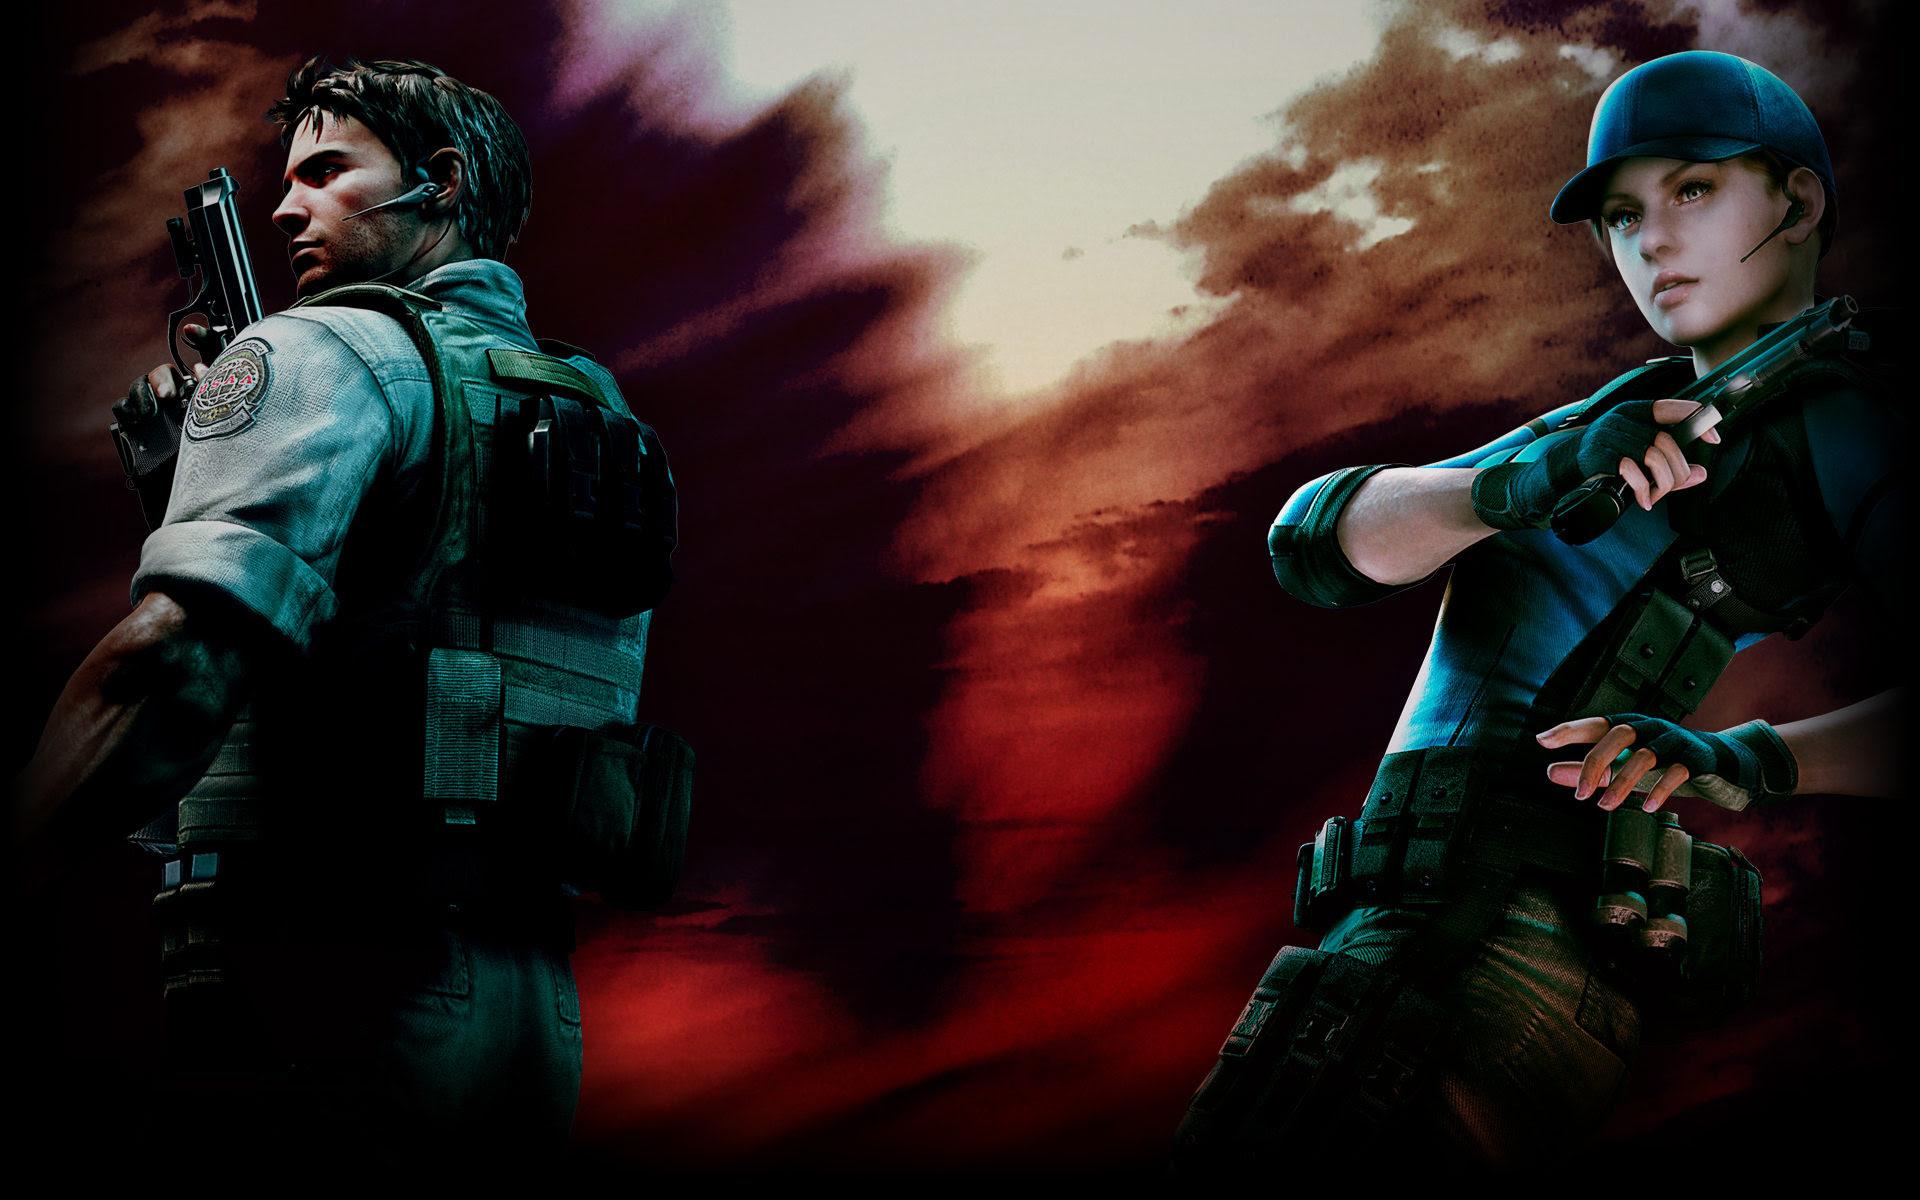 Chris And Jill Resident Evil 5 Wallpaper 40430066 Fanpop